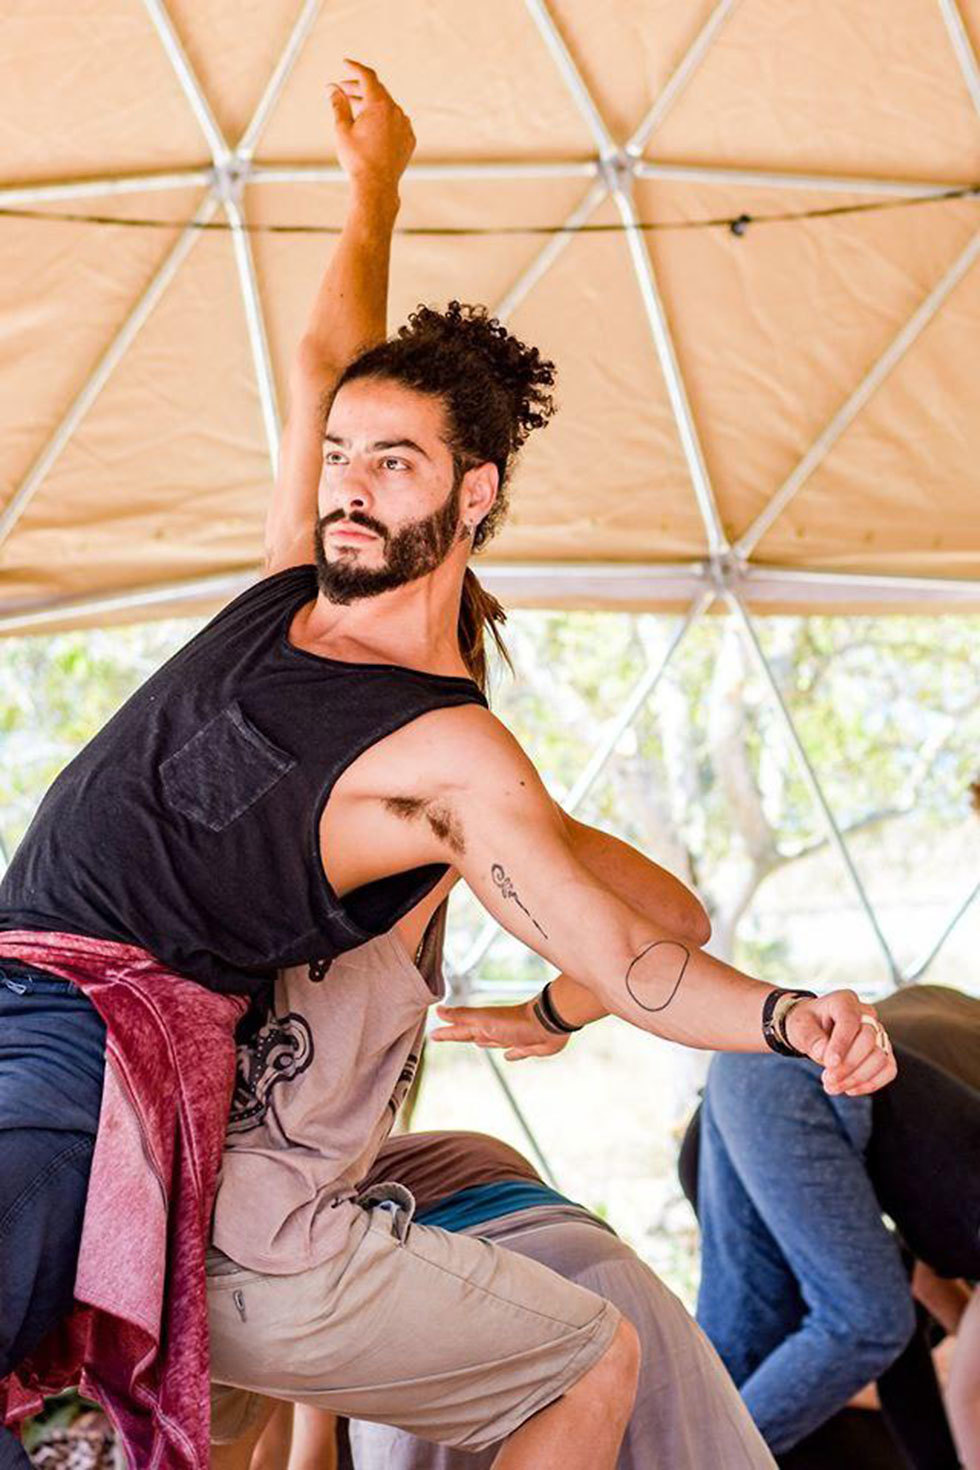 איימן ספיה רקדן תושב כפר יאסיף נעלם לאחר שנסחף בחוף נווה ים בעתלית עם חברתו ()